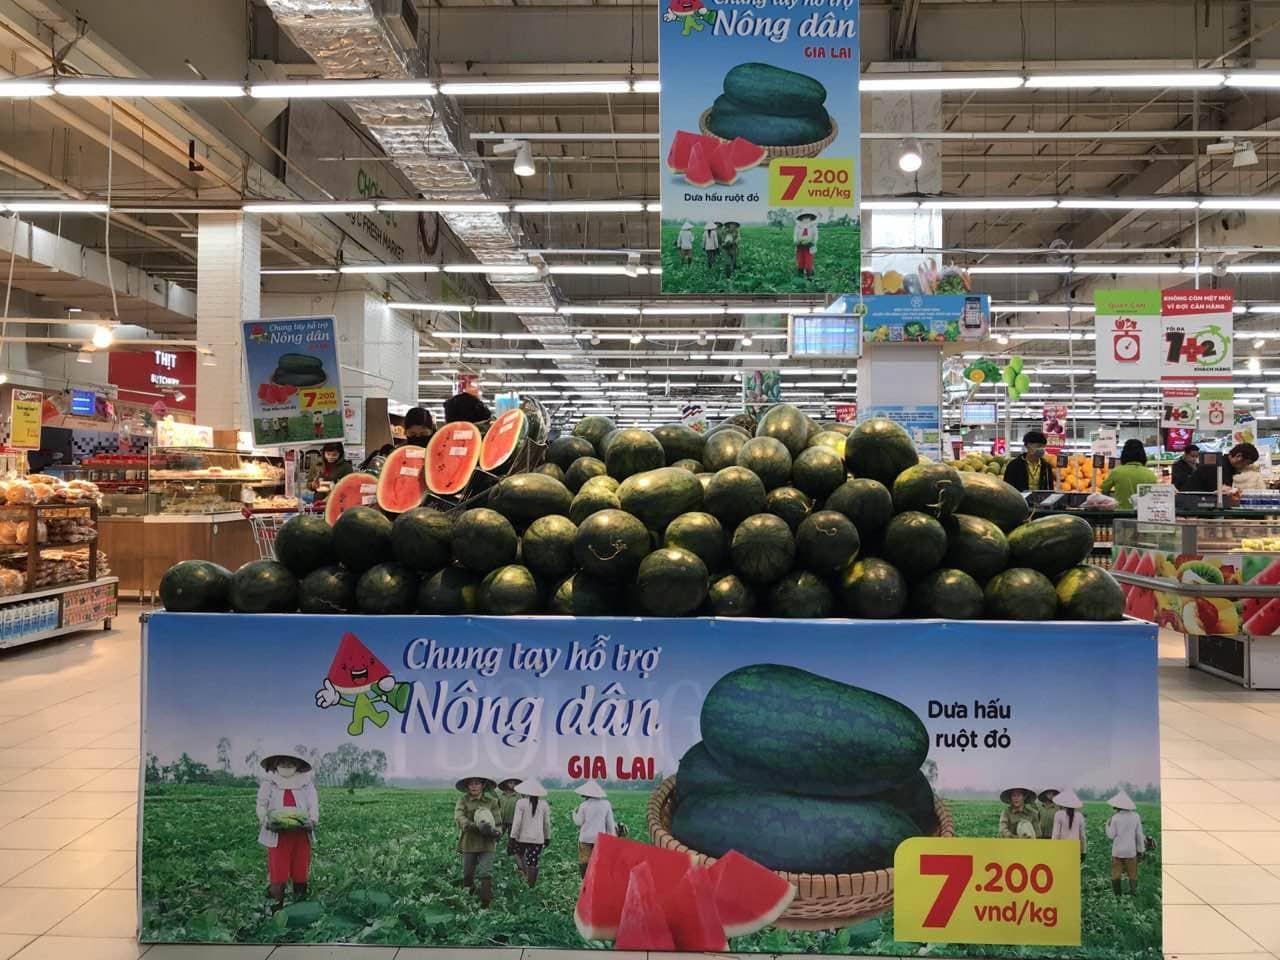 Các siêu thị đảm bảo cung ứng hàng hóa, giá cả ổn định